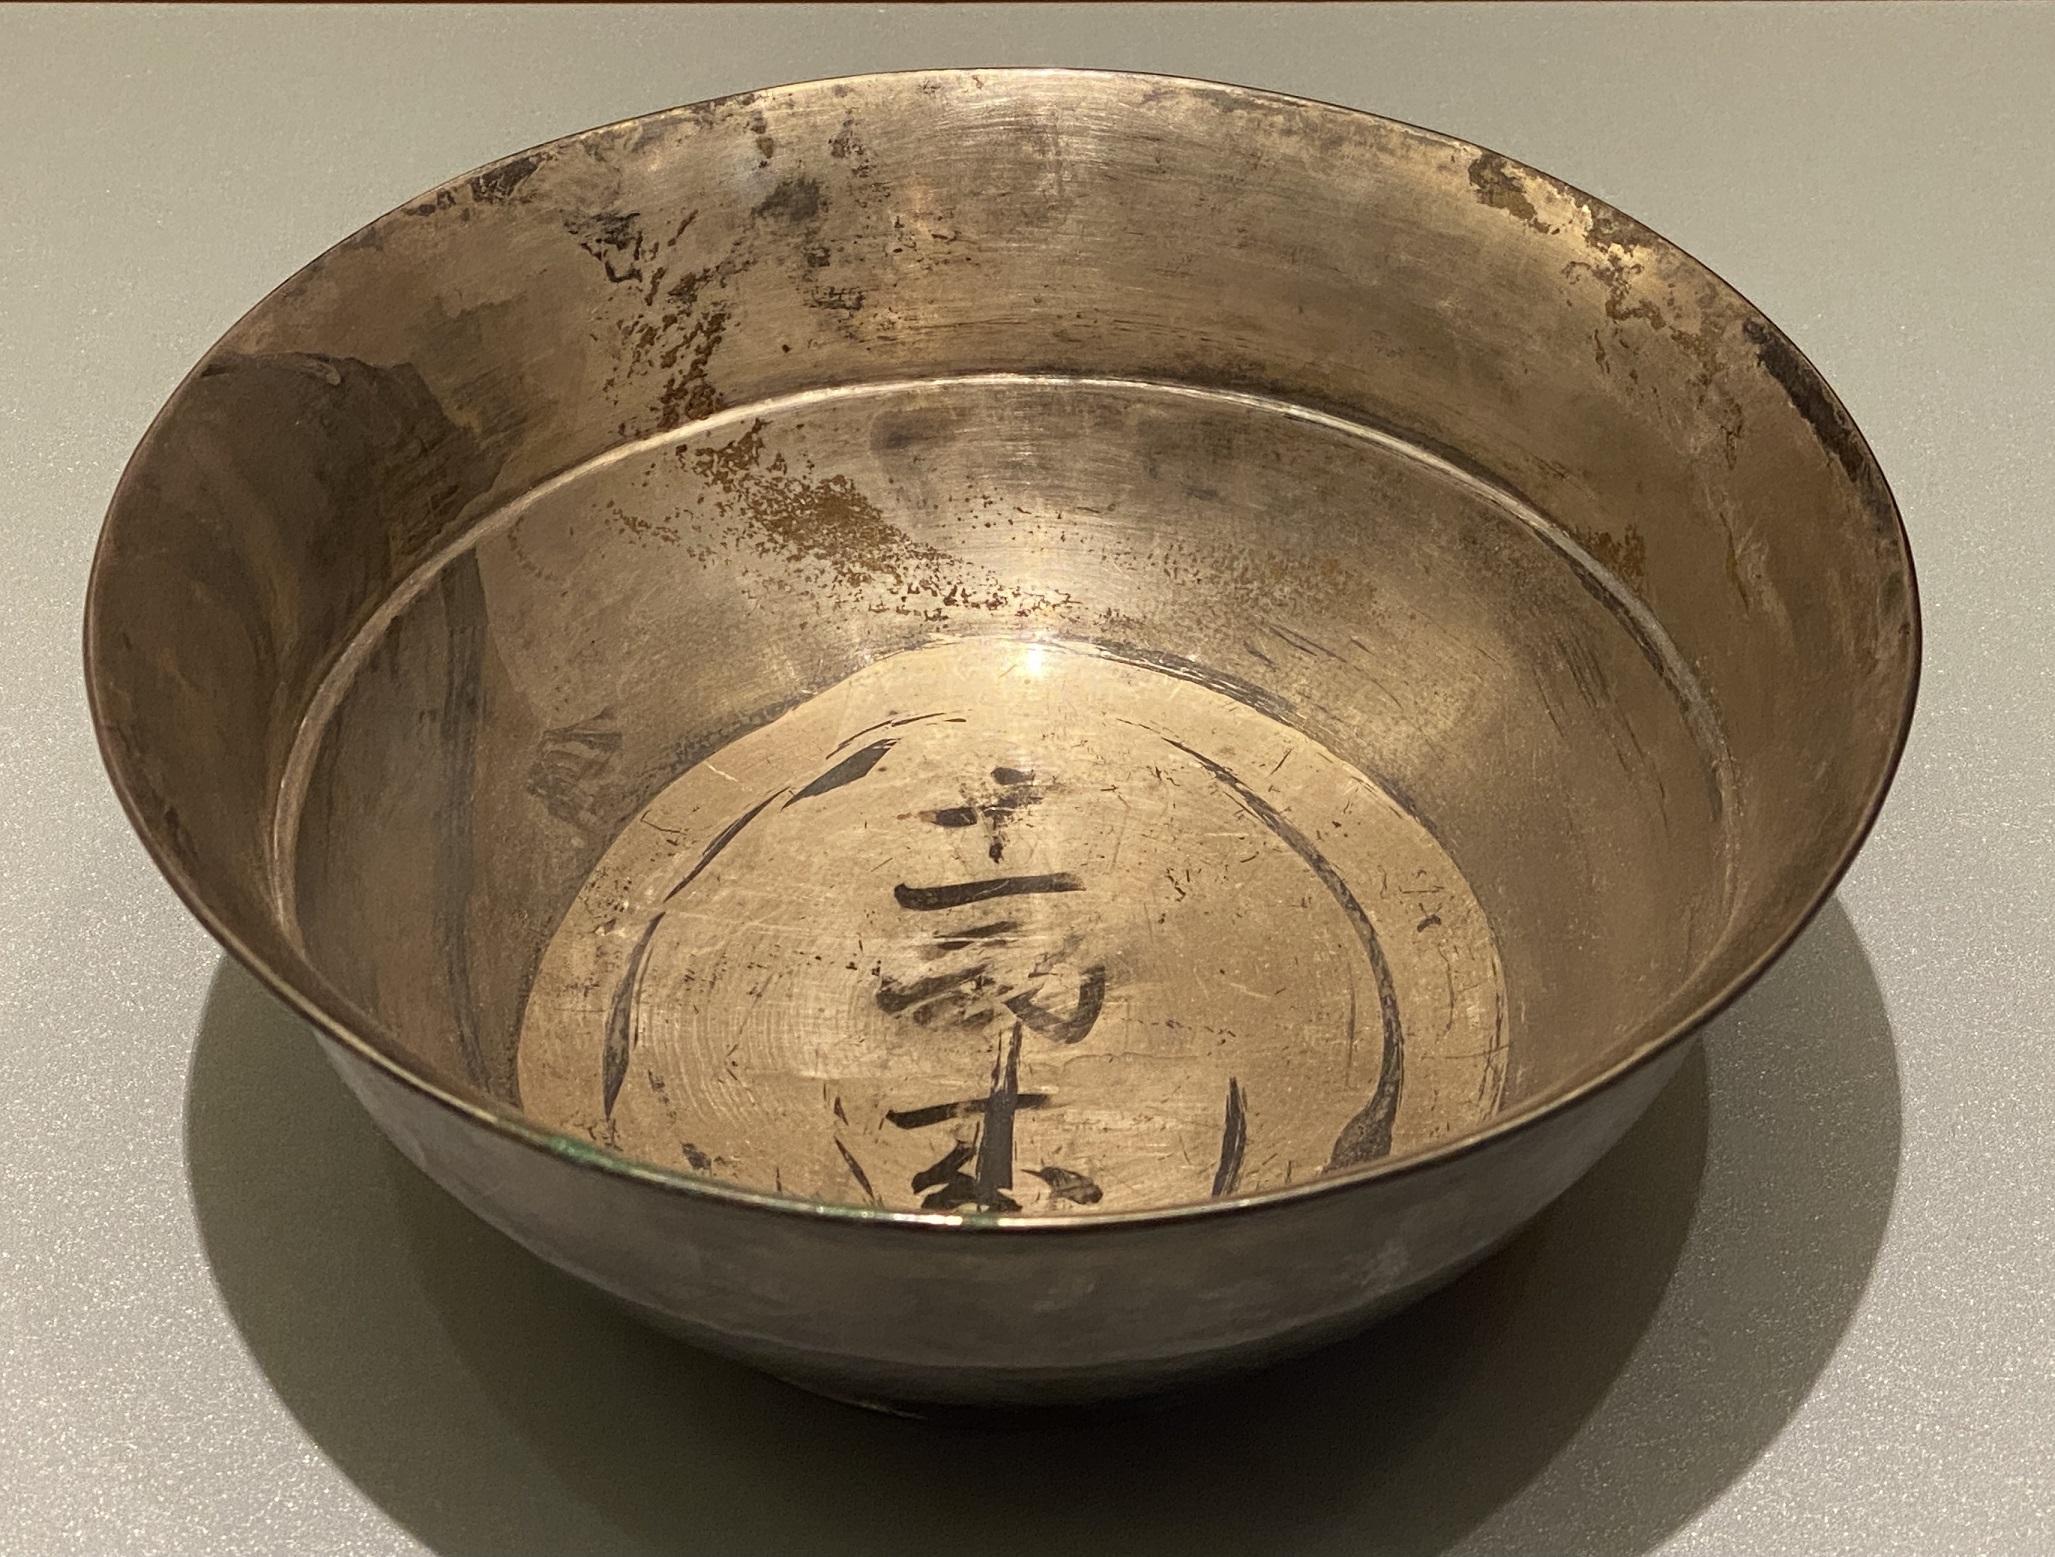 二十一年銀碗-唐時代-特別展【食味人間】四川博物院・中国国家博物館